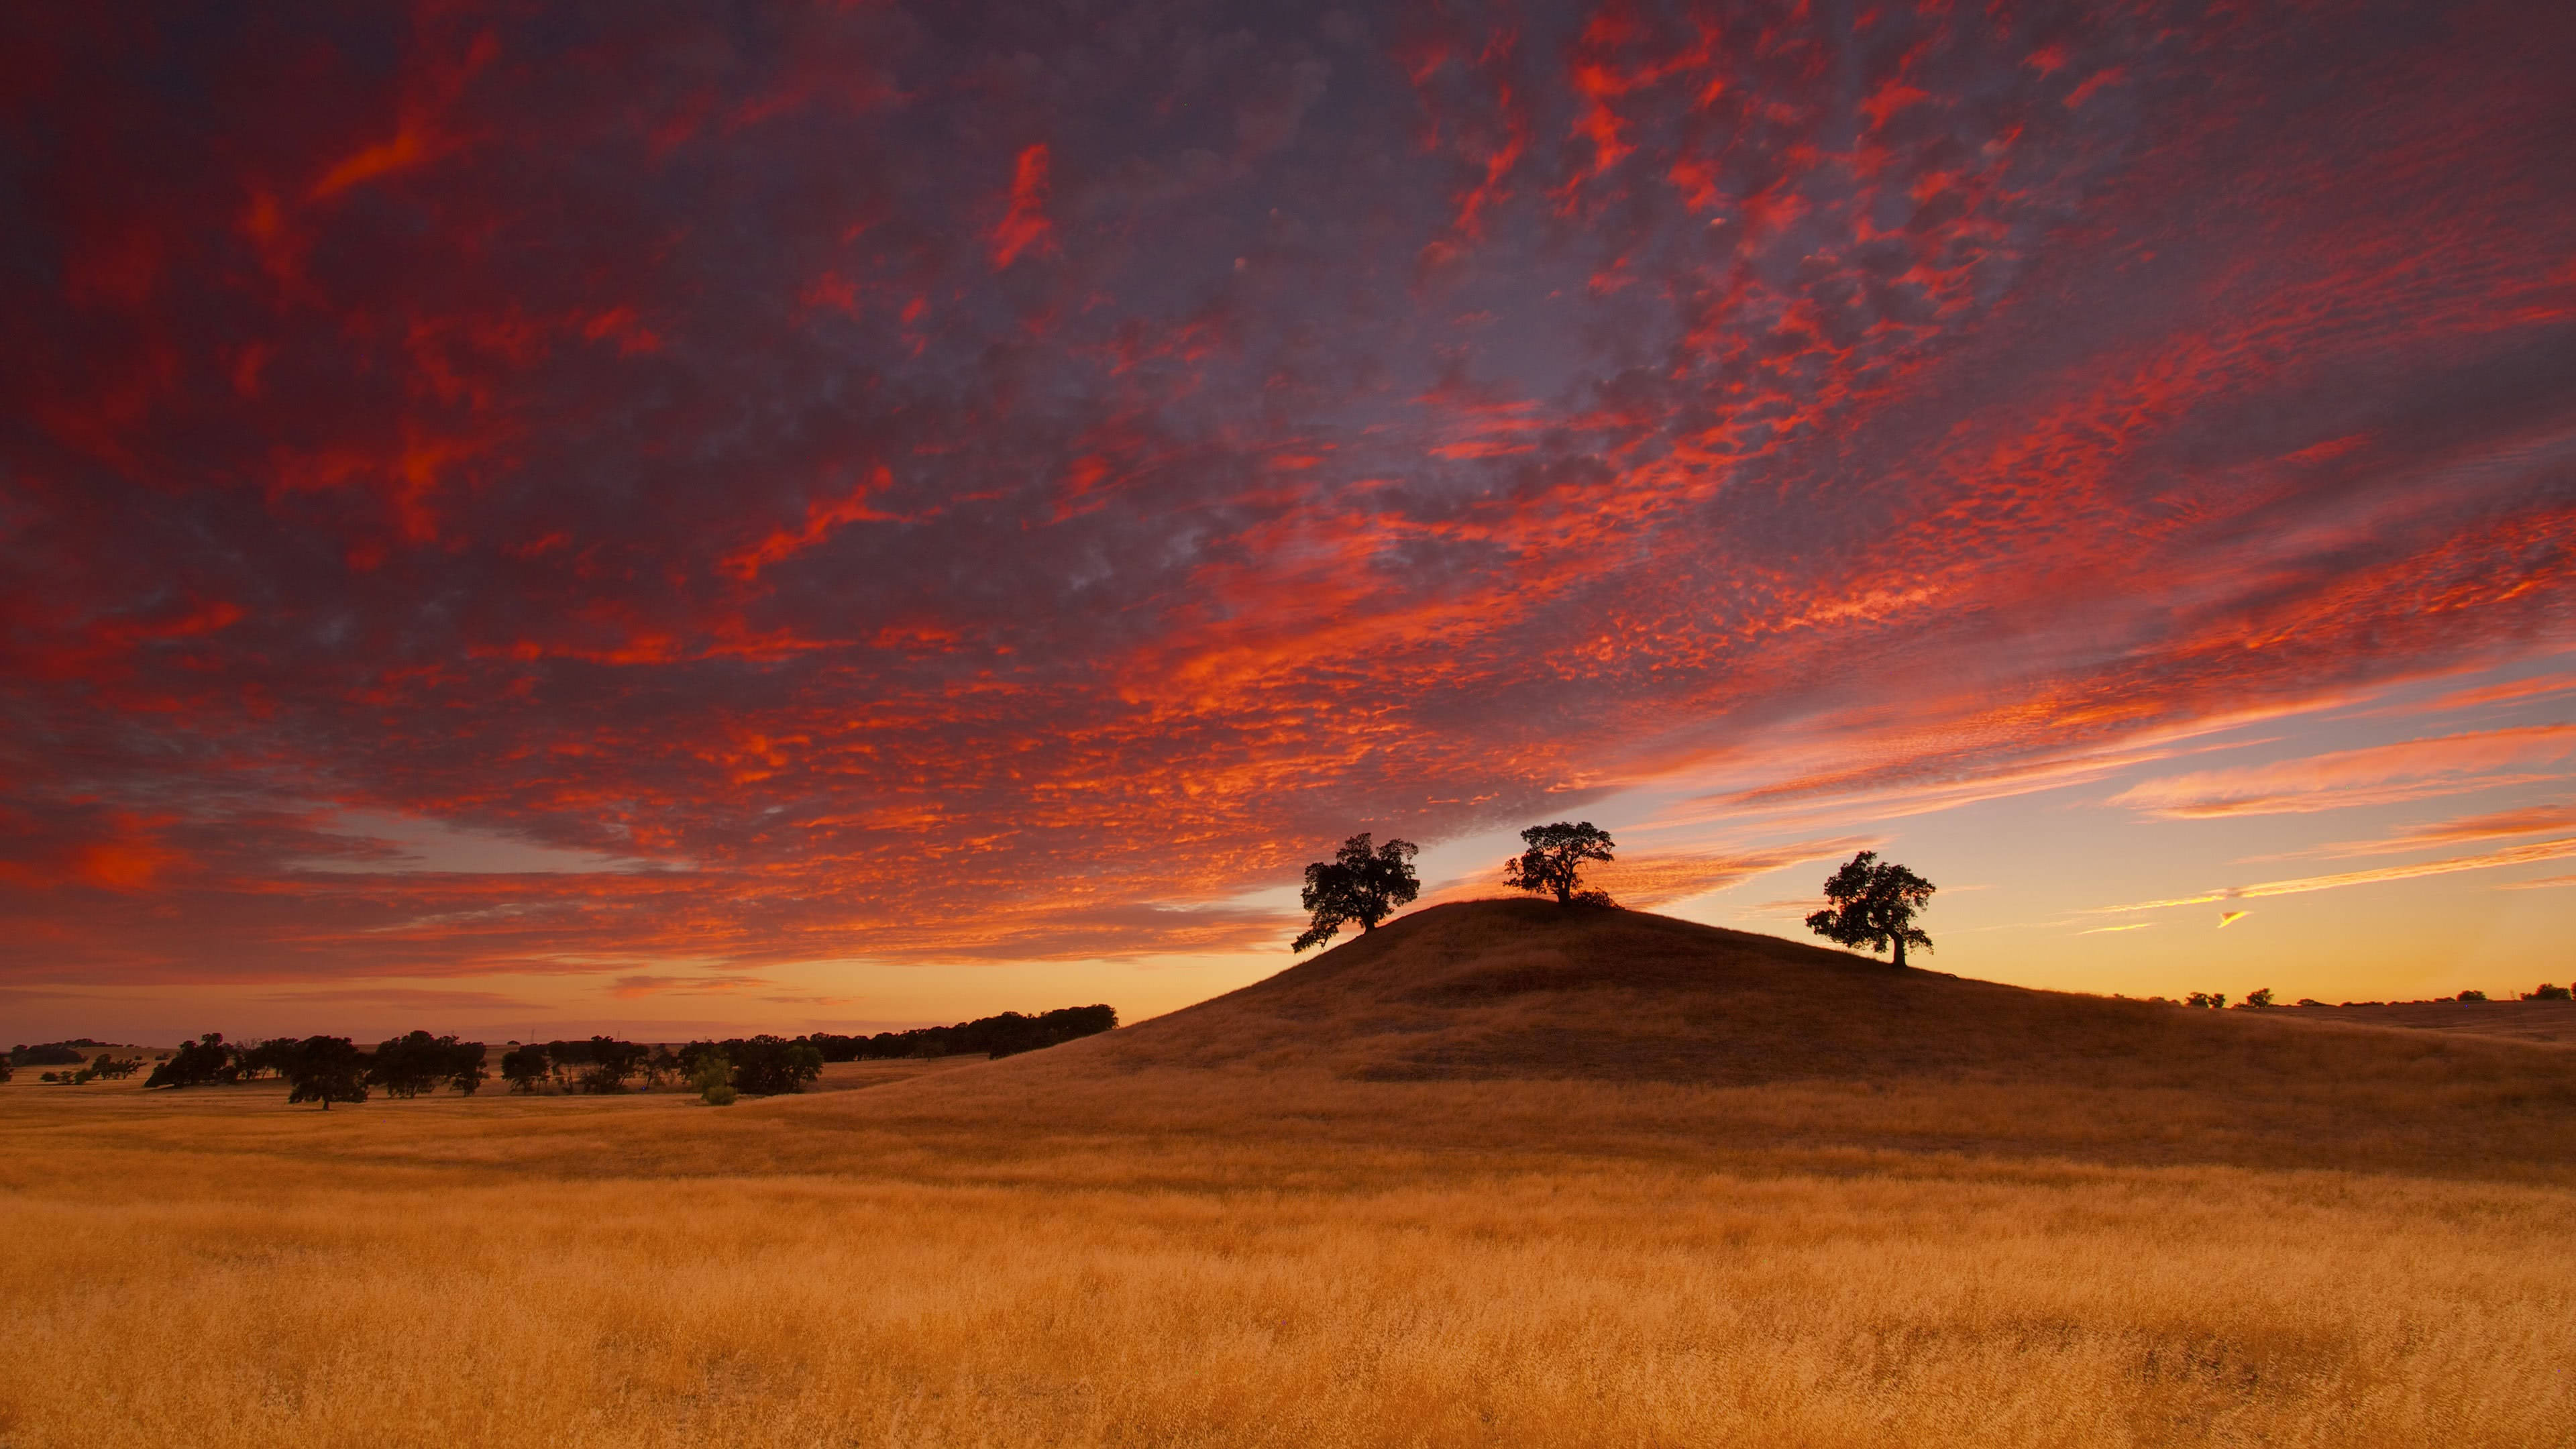 Cars Photos Hd Wallpaper Rancho Murieta Sacramento County California Uhd 4k